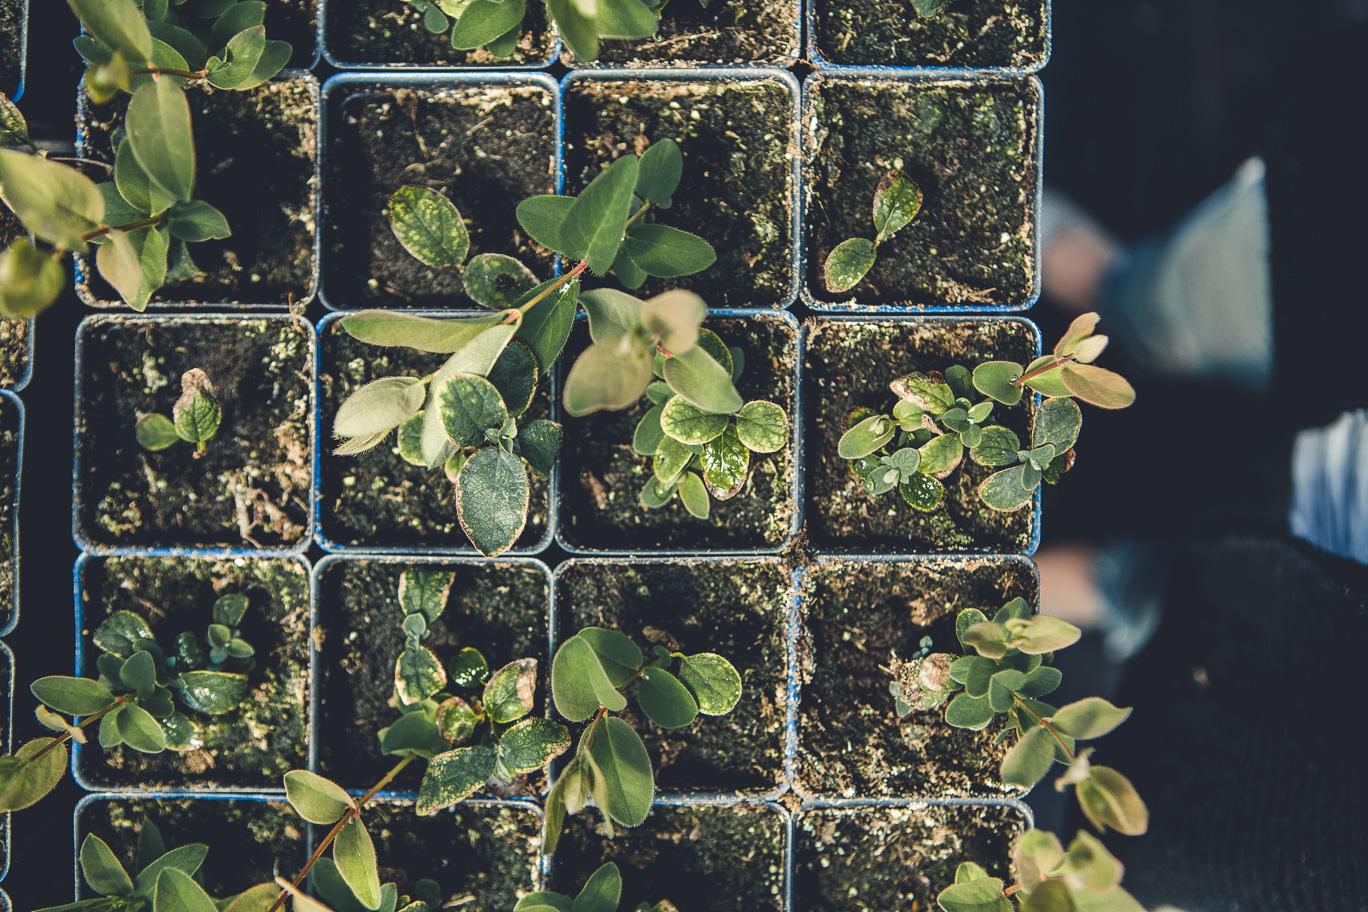 Plants de camerisiers